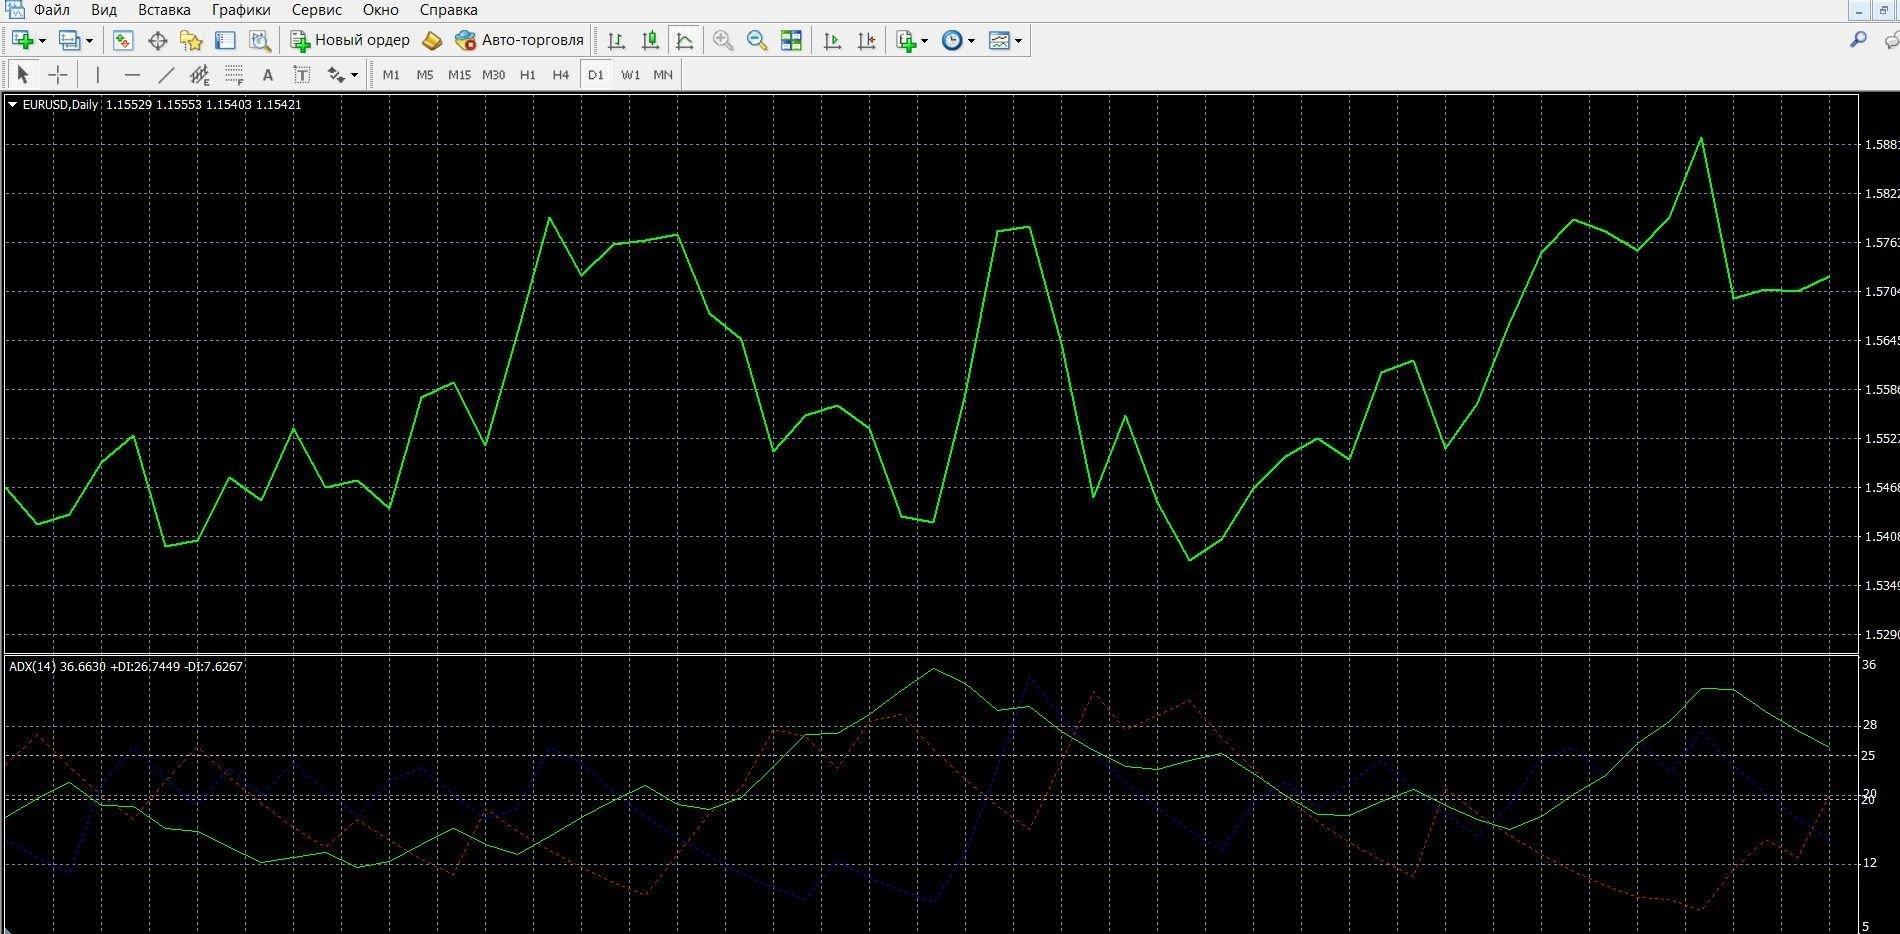 Индикатор ADX в терминале Метатрейдер 4